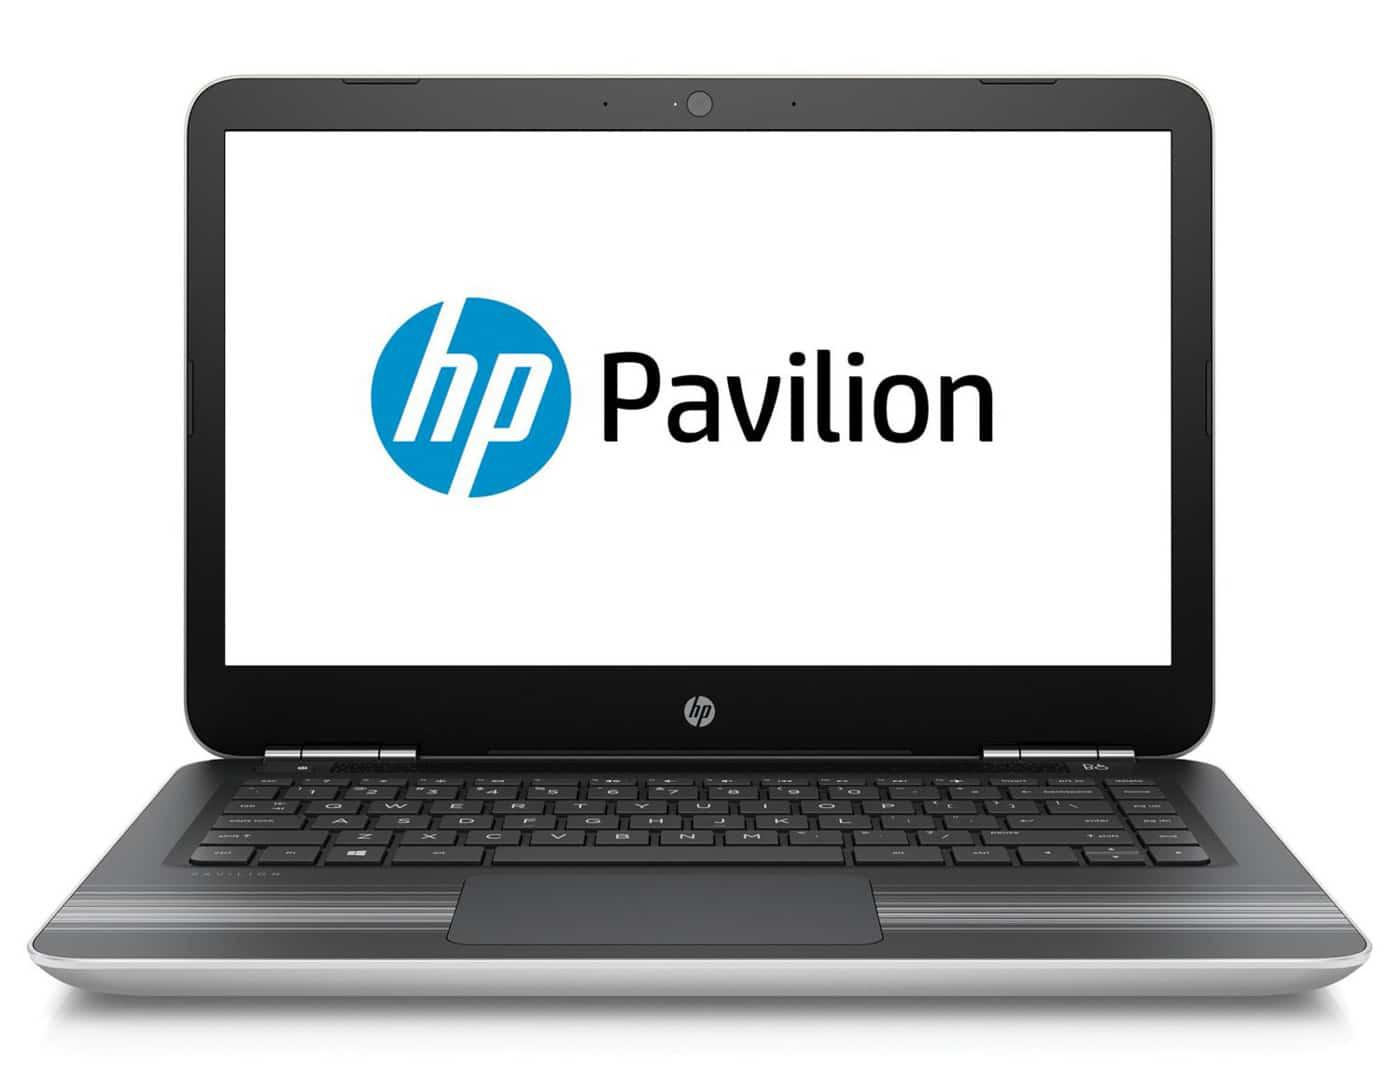 HP Pavilion 14-al008nf, PC portable 14 pouces multimédia 940MX i5 Skylake à 584€